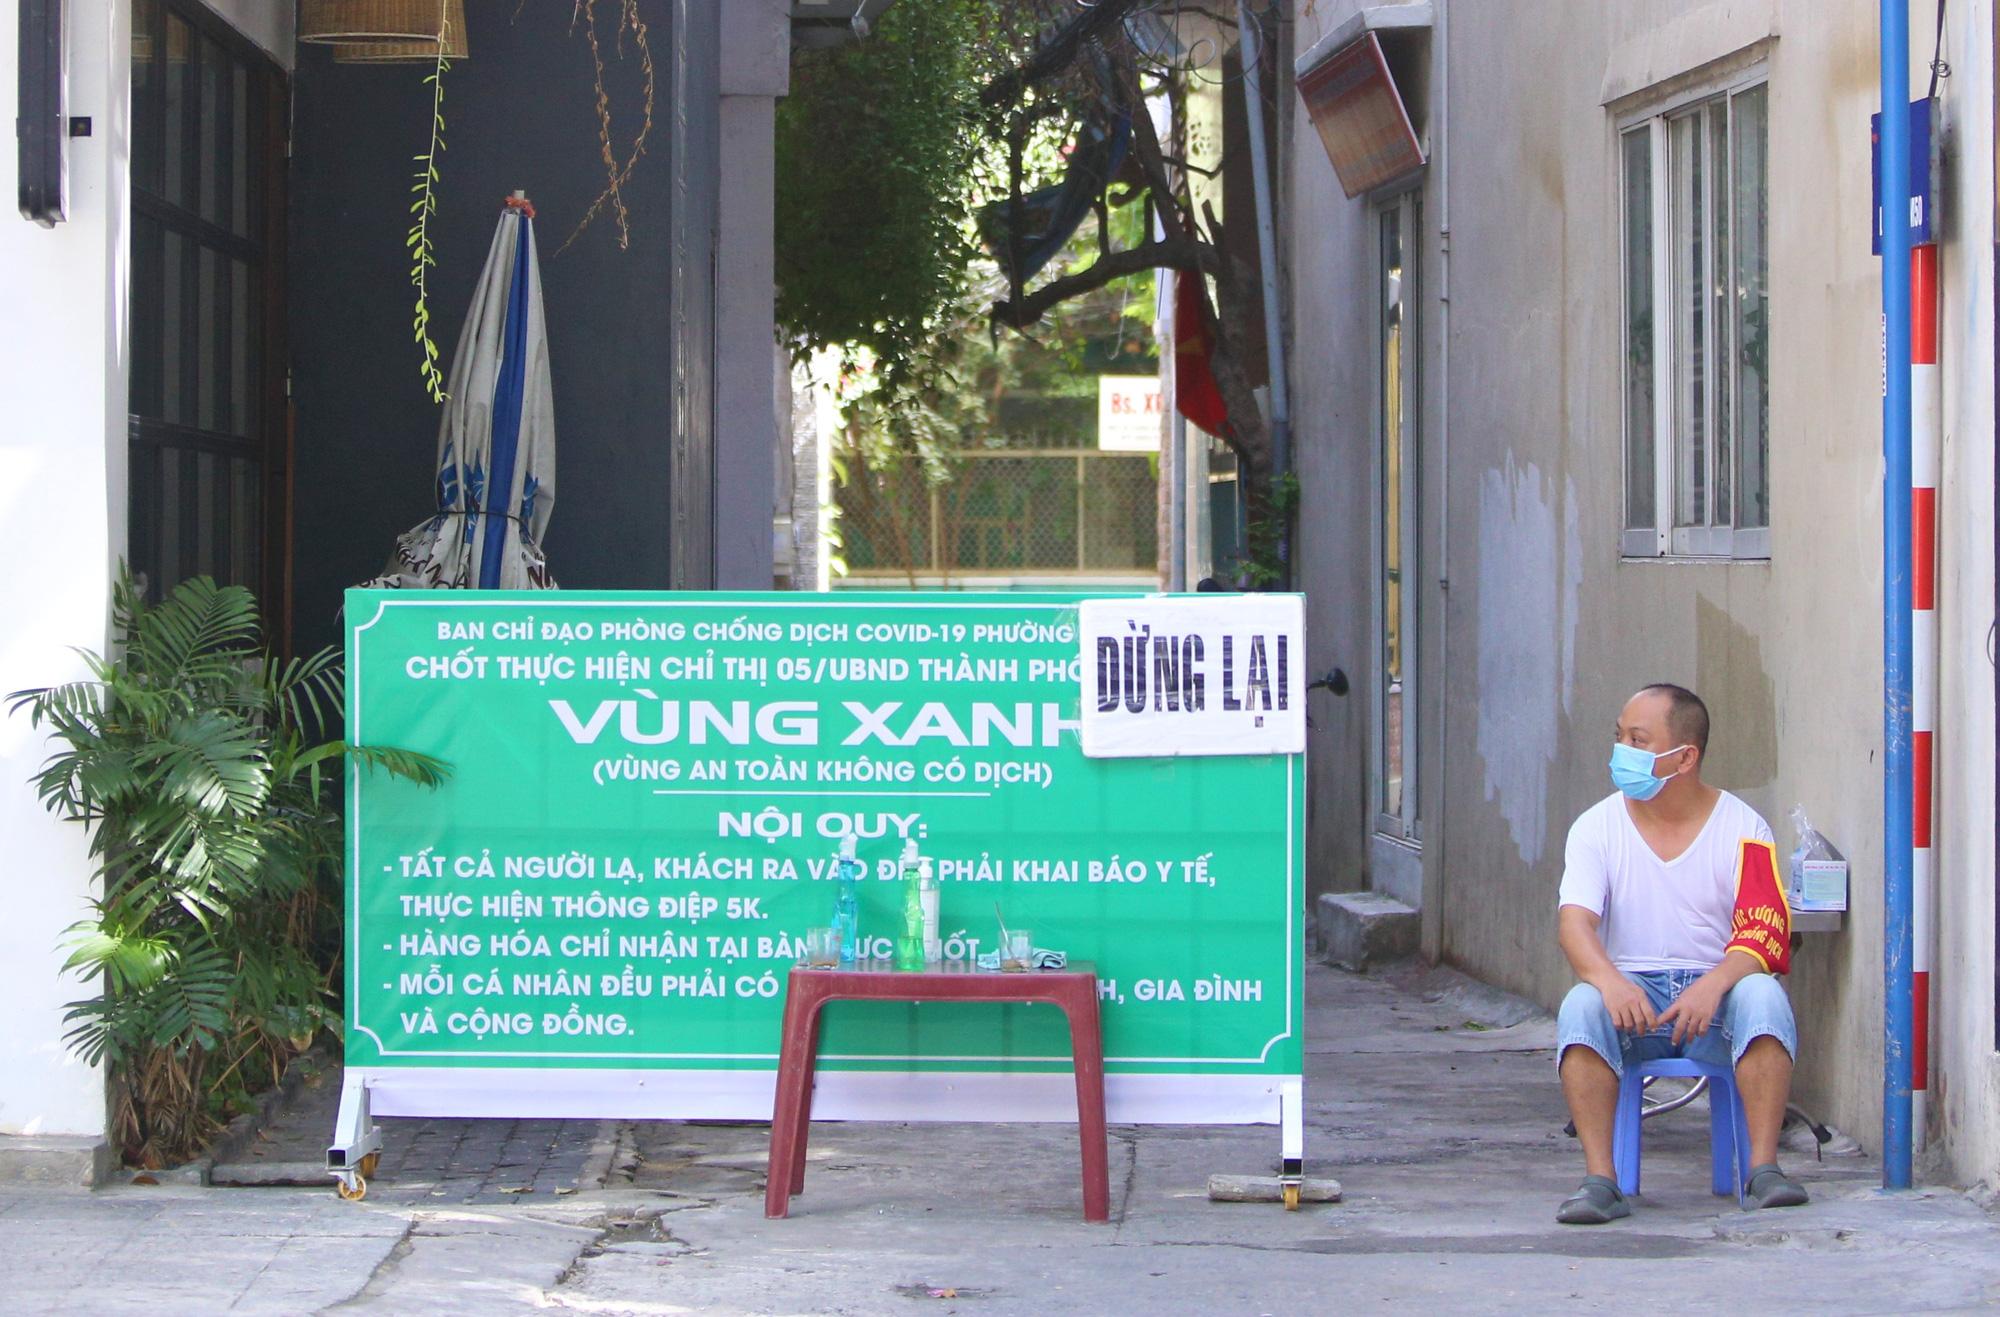 TIN VUI: Người dân vùng vàng và xanh ở Đà Nẵng được phép tham gia nhiều hoạt động kể từ sáng 16/9 - Ảnh 2.